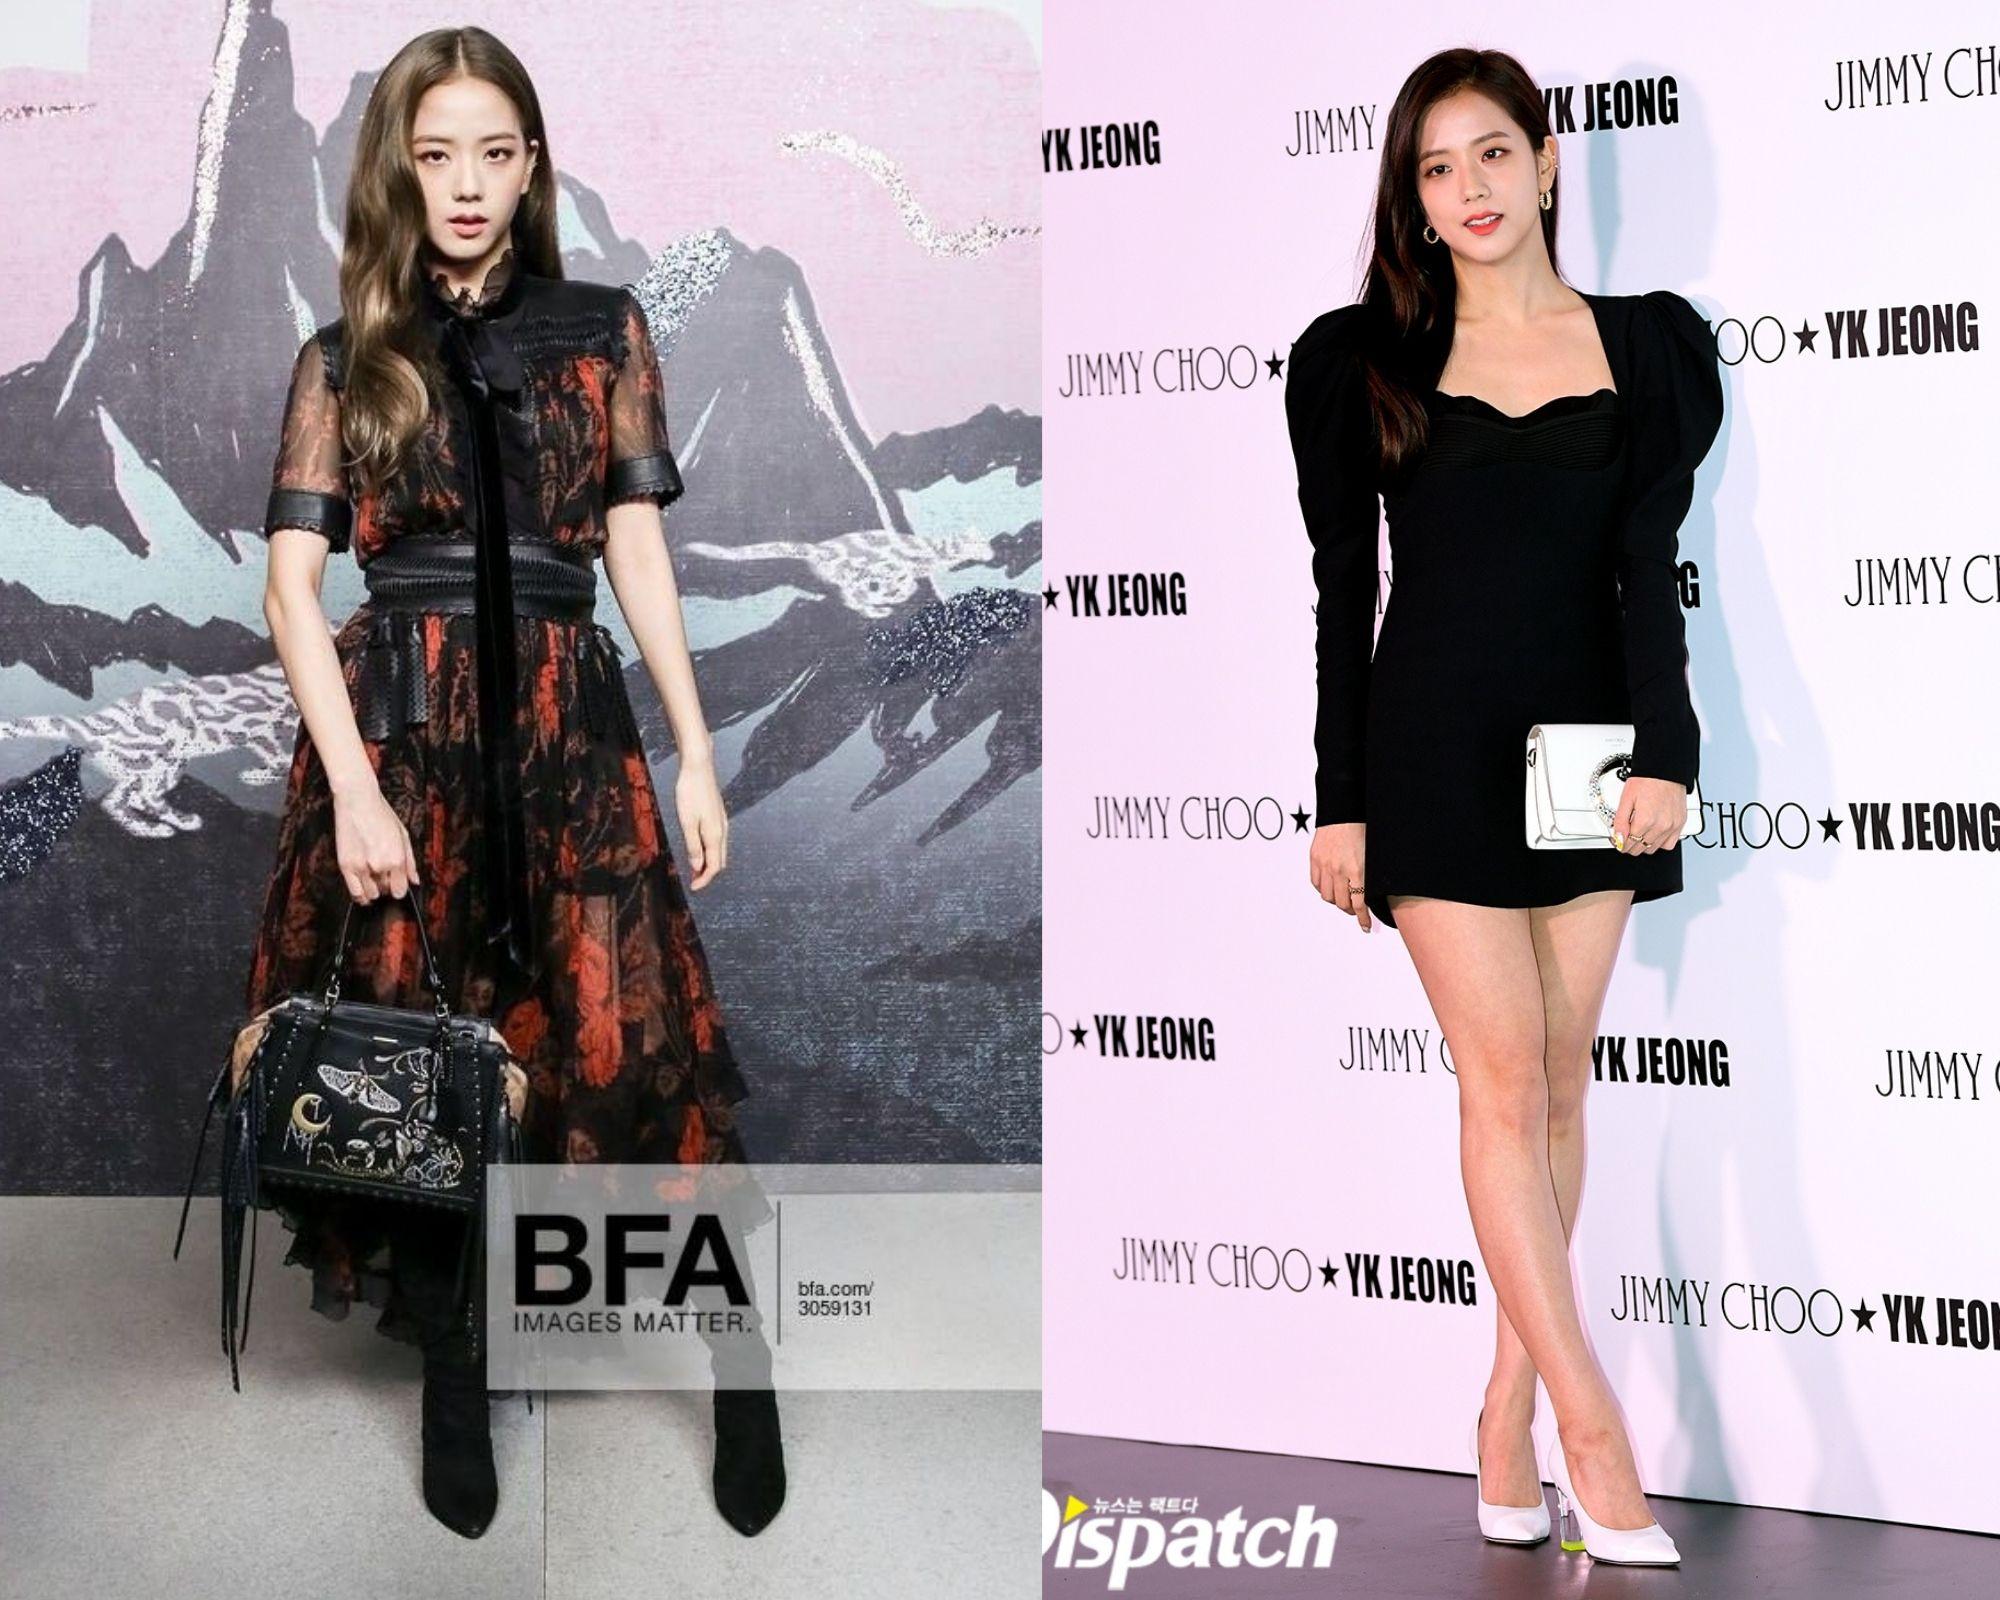 Jisoo rất hiếm khi mặc váy dài lượt thượt, nhìn ảnh so sánh vóc dáng cách biệt khi mặc váy ngắn - dài sẽ hiểu ngay lý do - Ảnh 3.